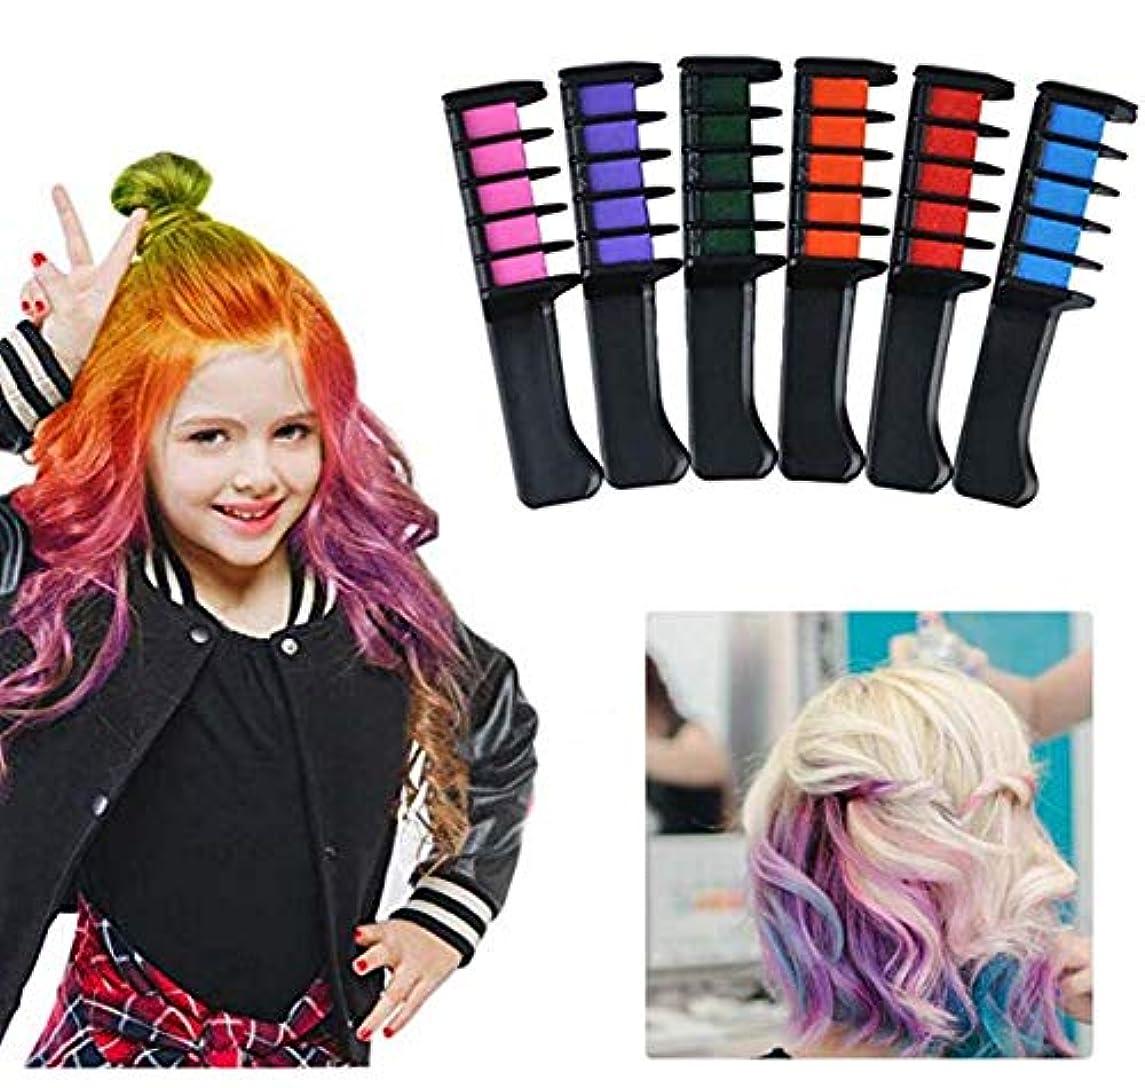 踏み台グラムスキム誕生日または祝祭のための使い捨て可能な毛の染料の棒の一時的な色党非有毒な洗濯できる毛の染まる着色